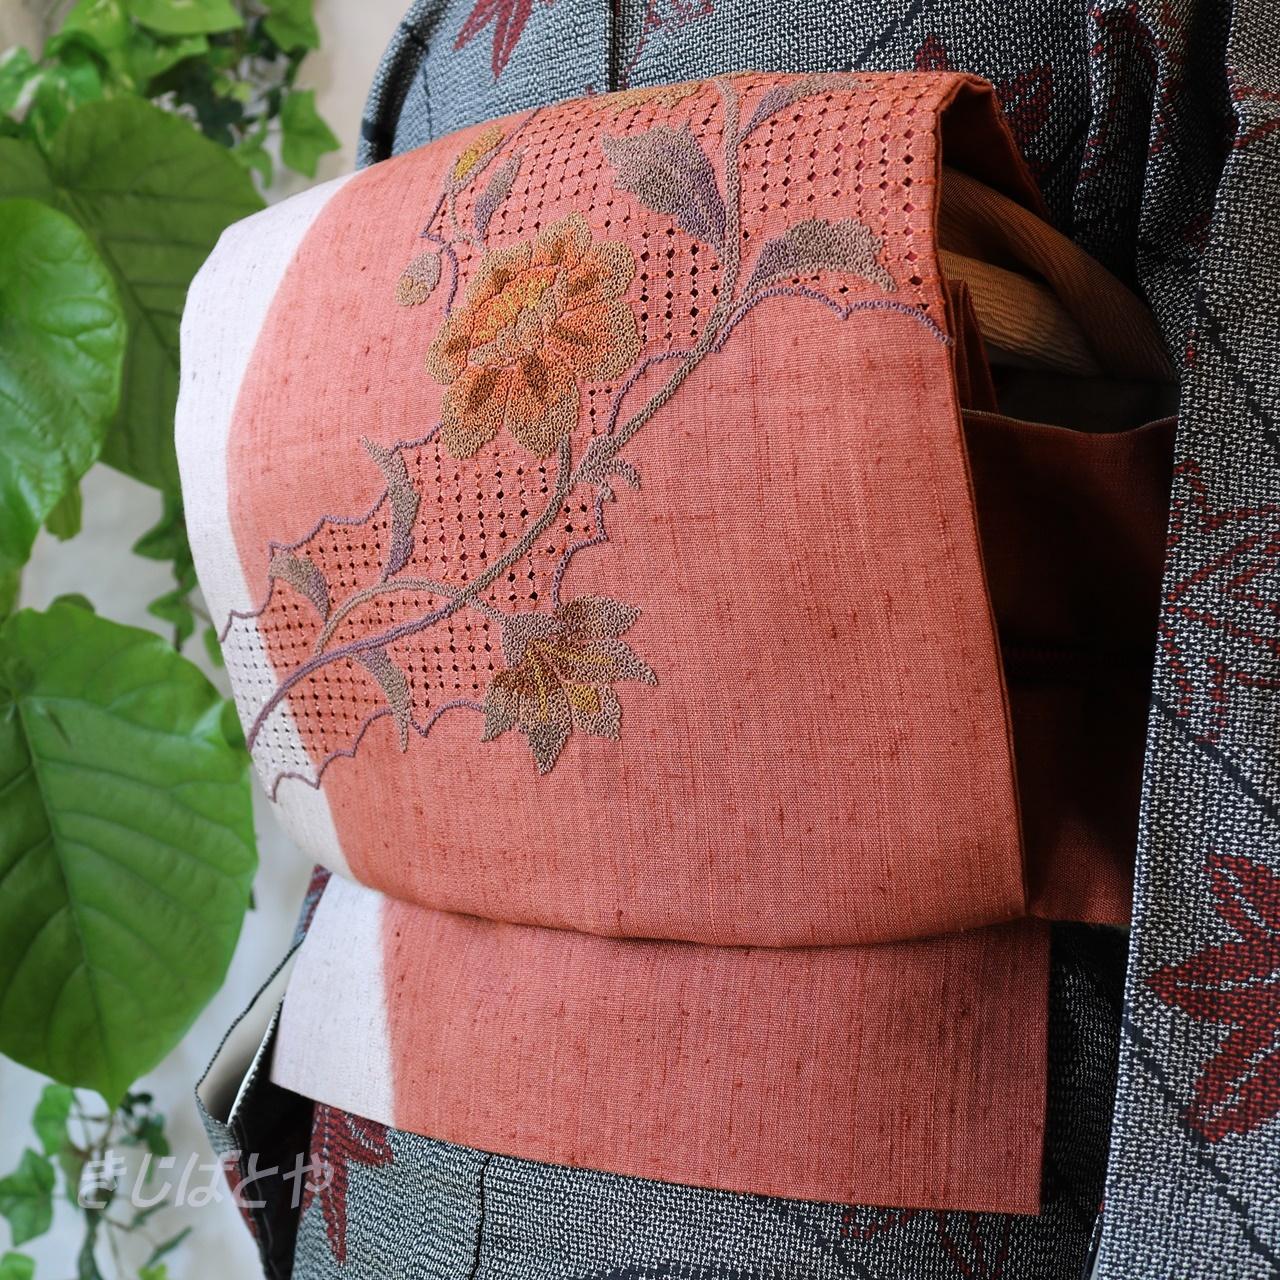 正絹紬 蘇芳と都鼠のなごや 相良刺繍とスワトウ